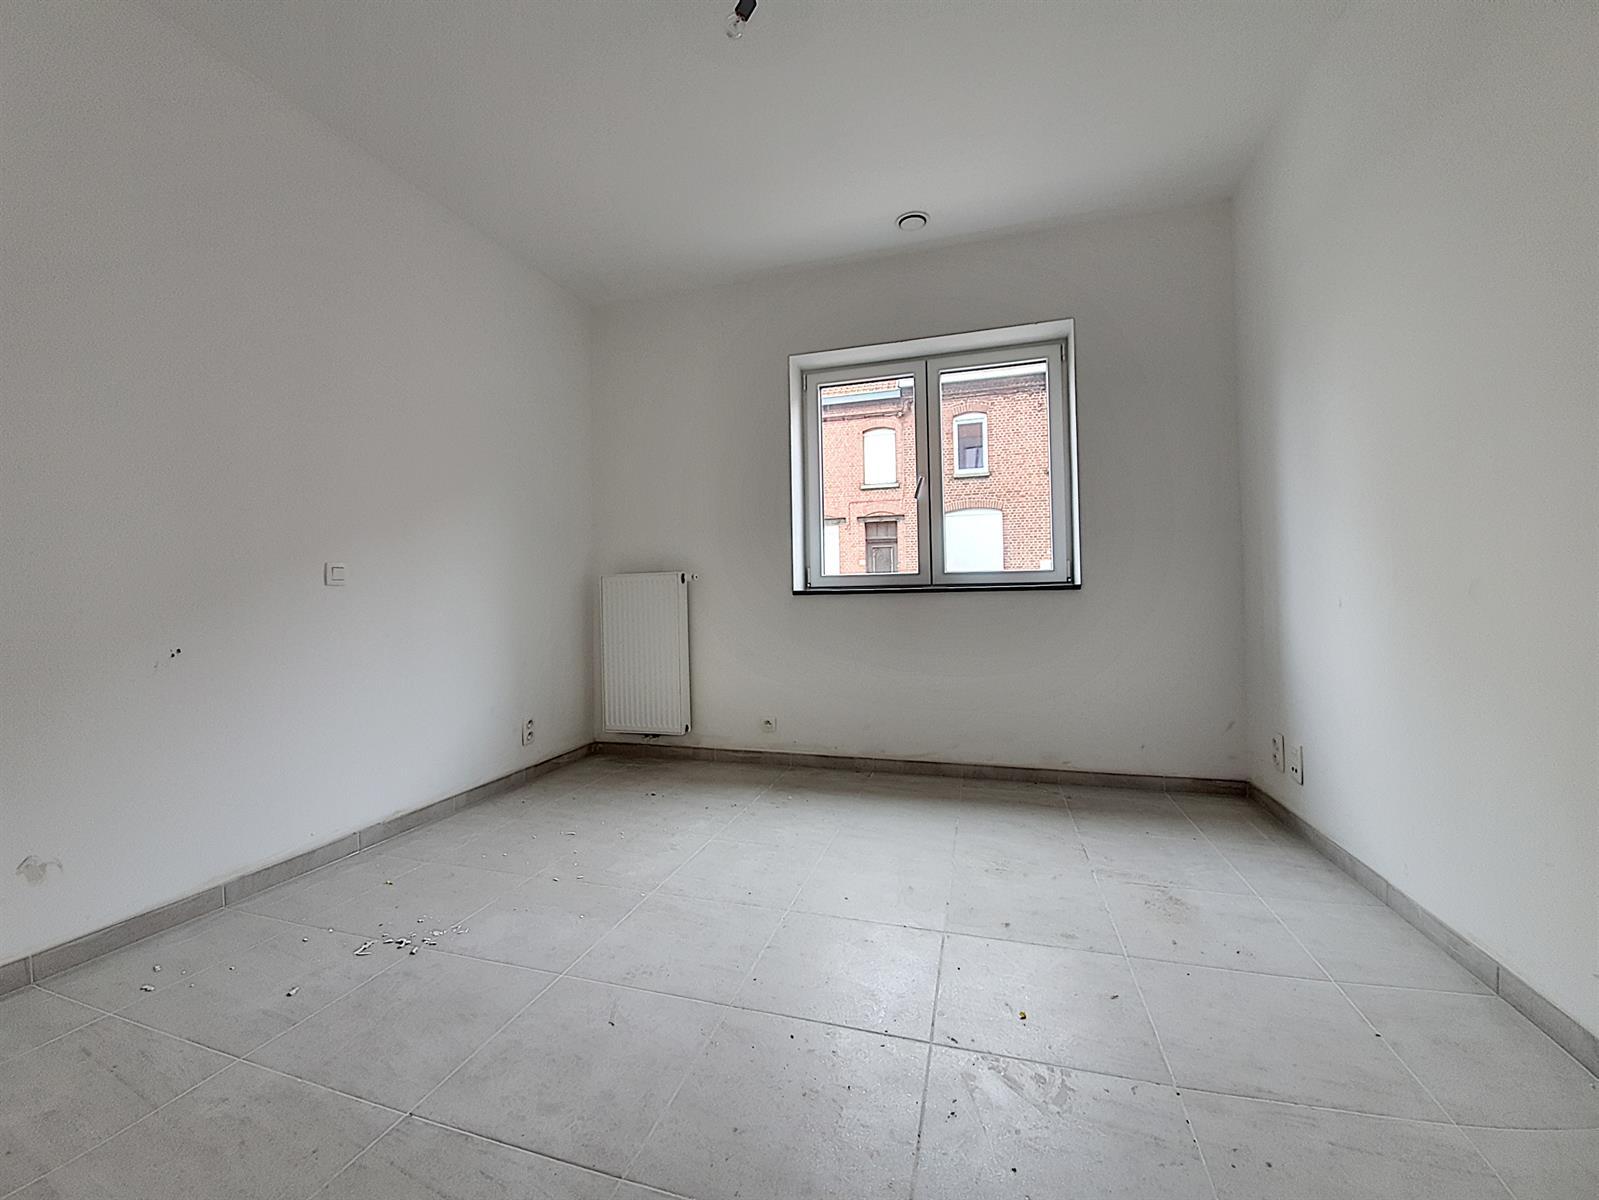 Appartement à vendre à Mouscron